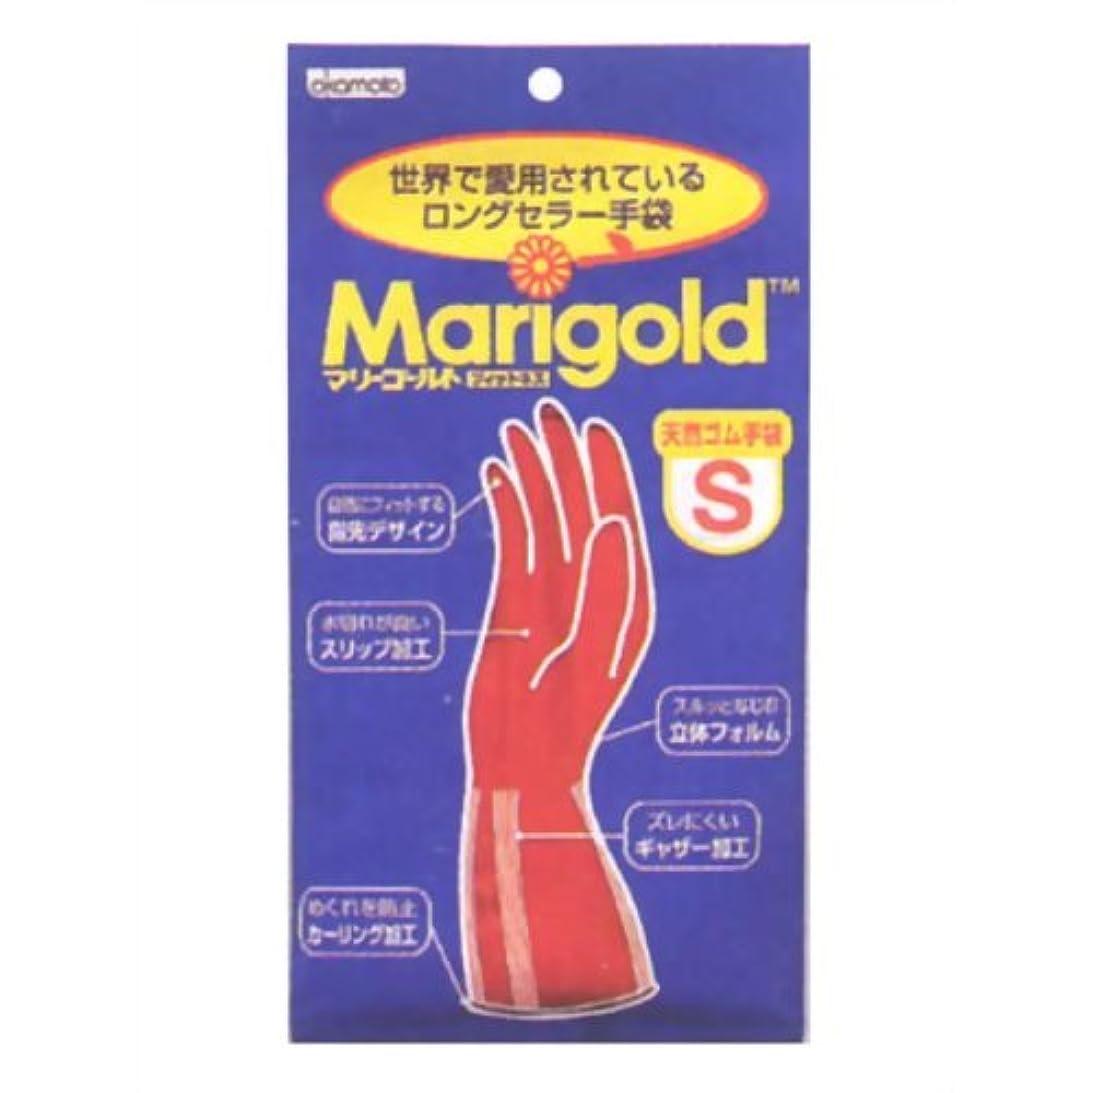 ストリームペレグリネーション量マリーゴールドSサイズ × 120個セット